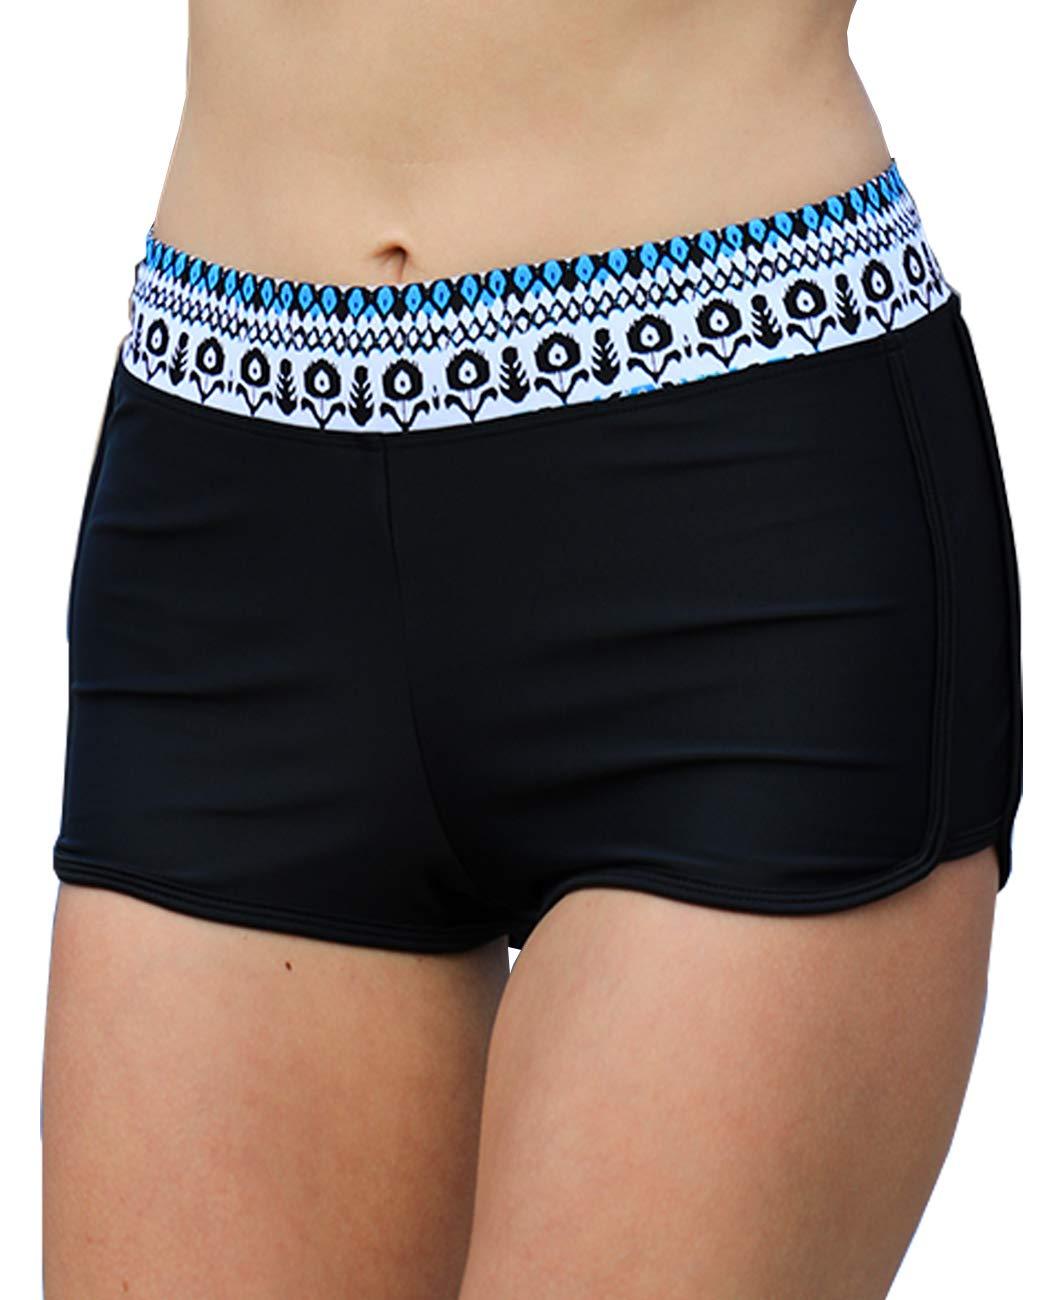 Kostenloser Versand iDrawl Damen Schwarze Bikinihose mit Blumen Taillenbund Mädchen Schwimmshorts für Gr.34-48 Schwarz xhsamzGK